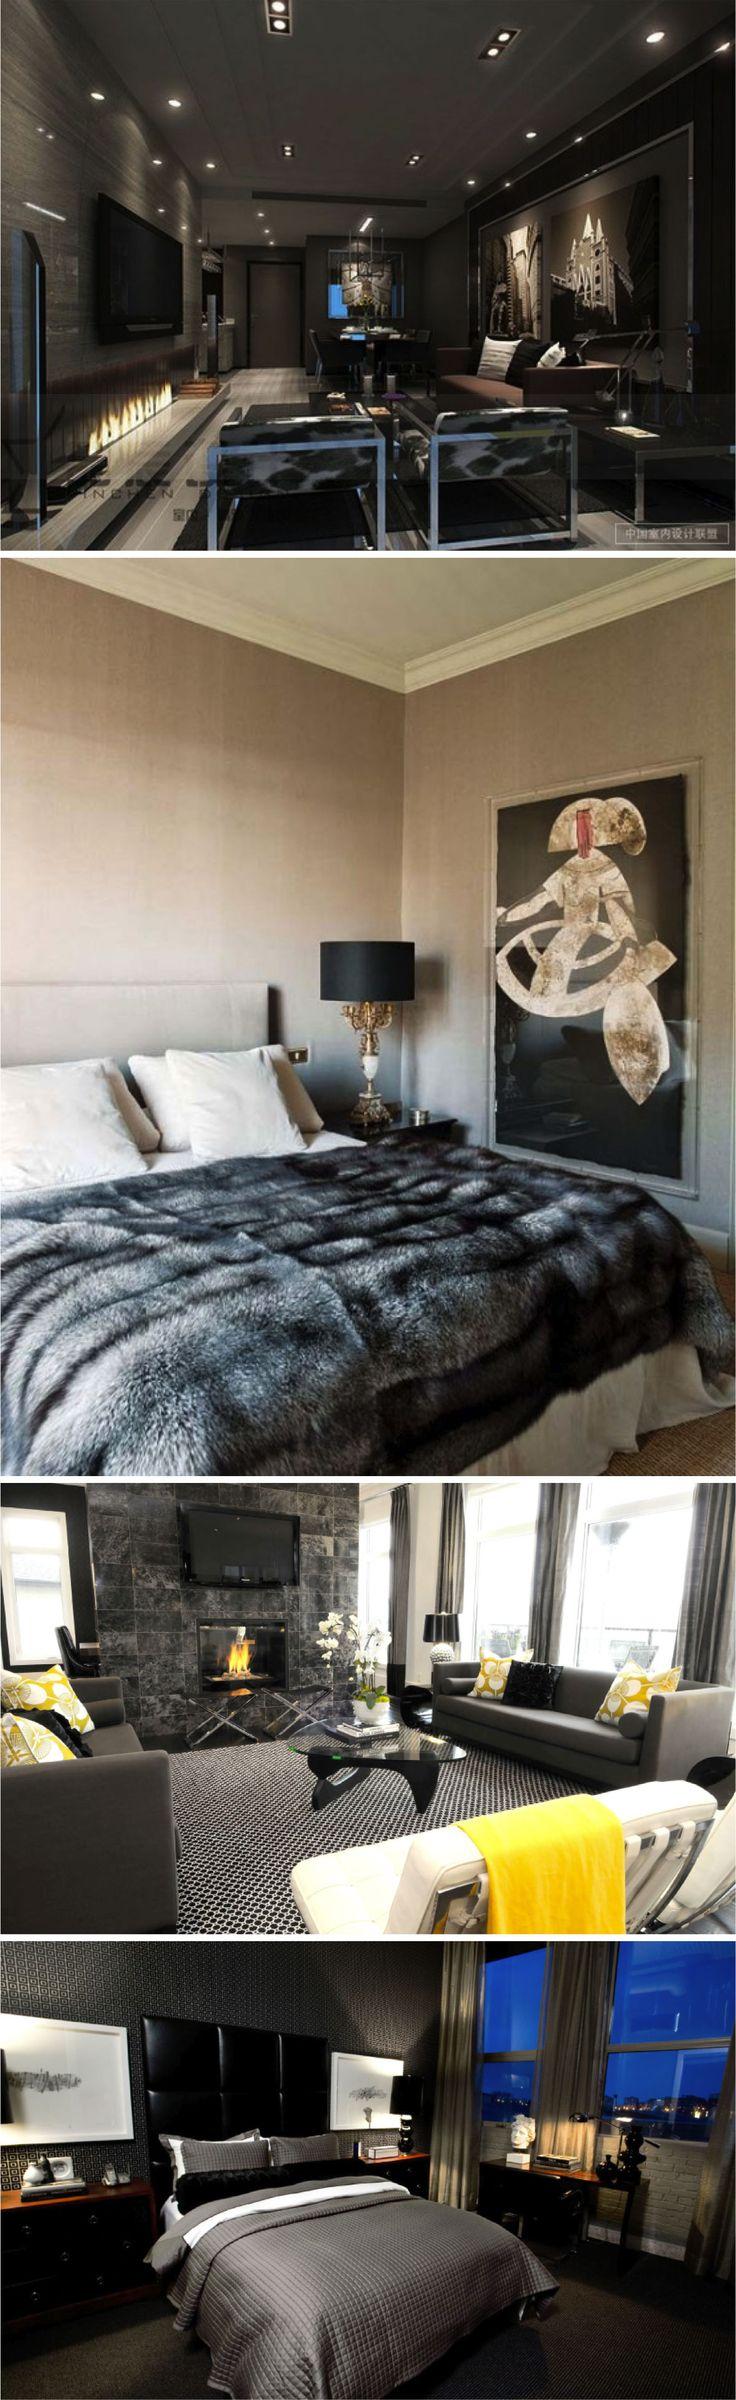 50 tons de cinza, a decoração! - Fashionismo